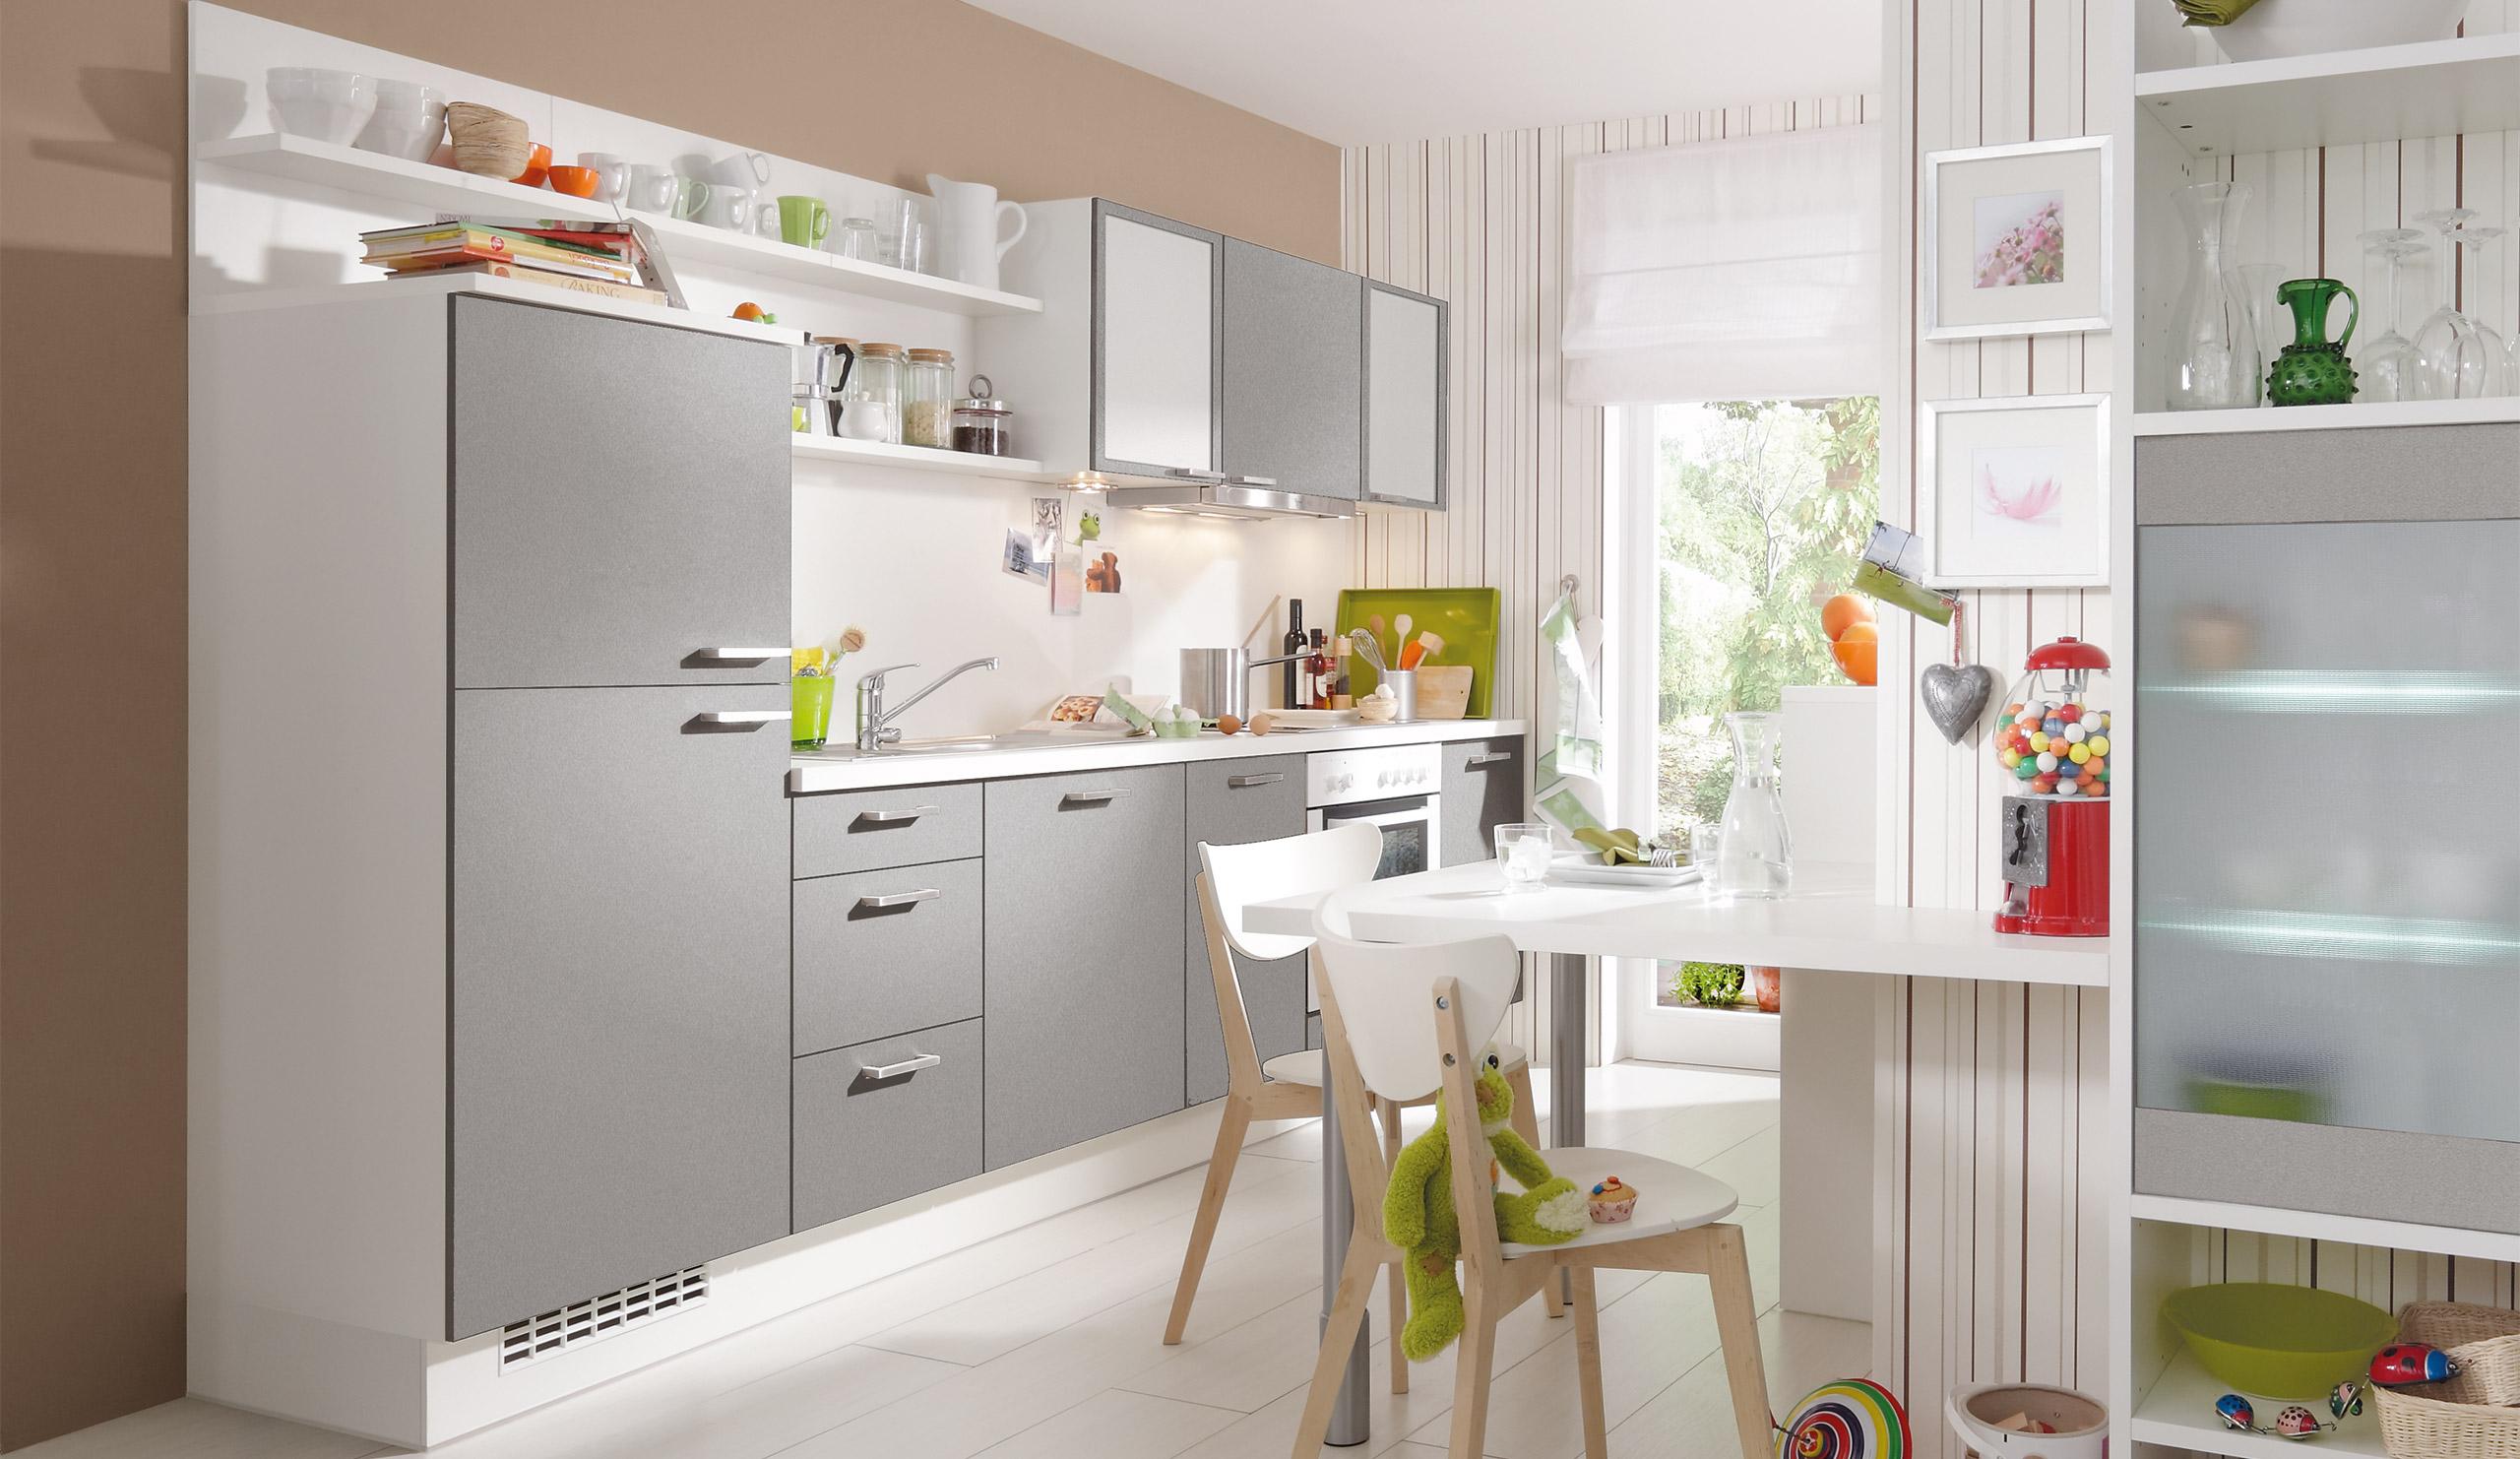 Neu Www Küchen Quelle De | Danparlagreco.com